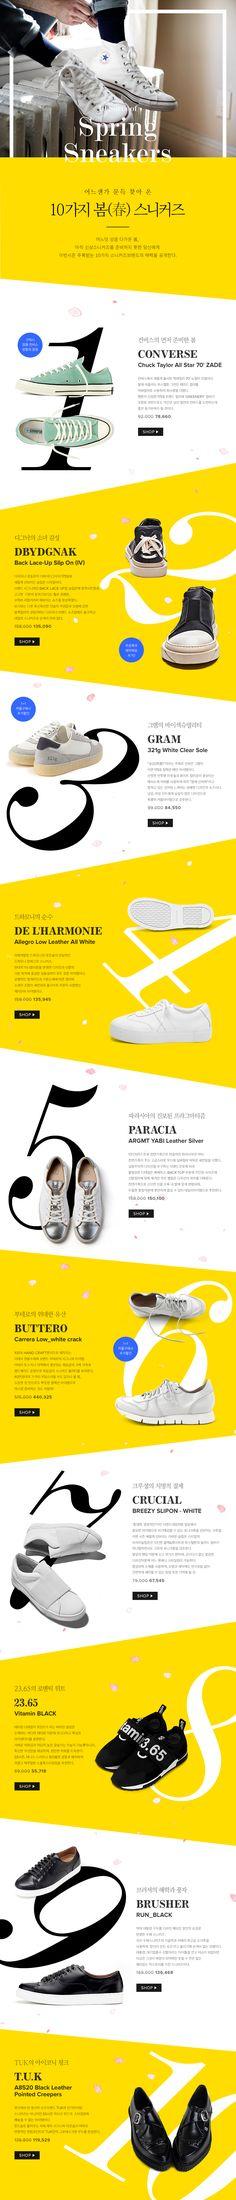 봄기획전,spring,sneakers,신발기획전,promotion,이벤트,event,기획전,fashion,패션,editorial